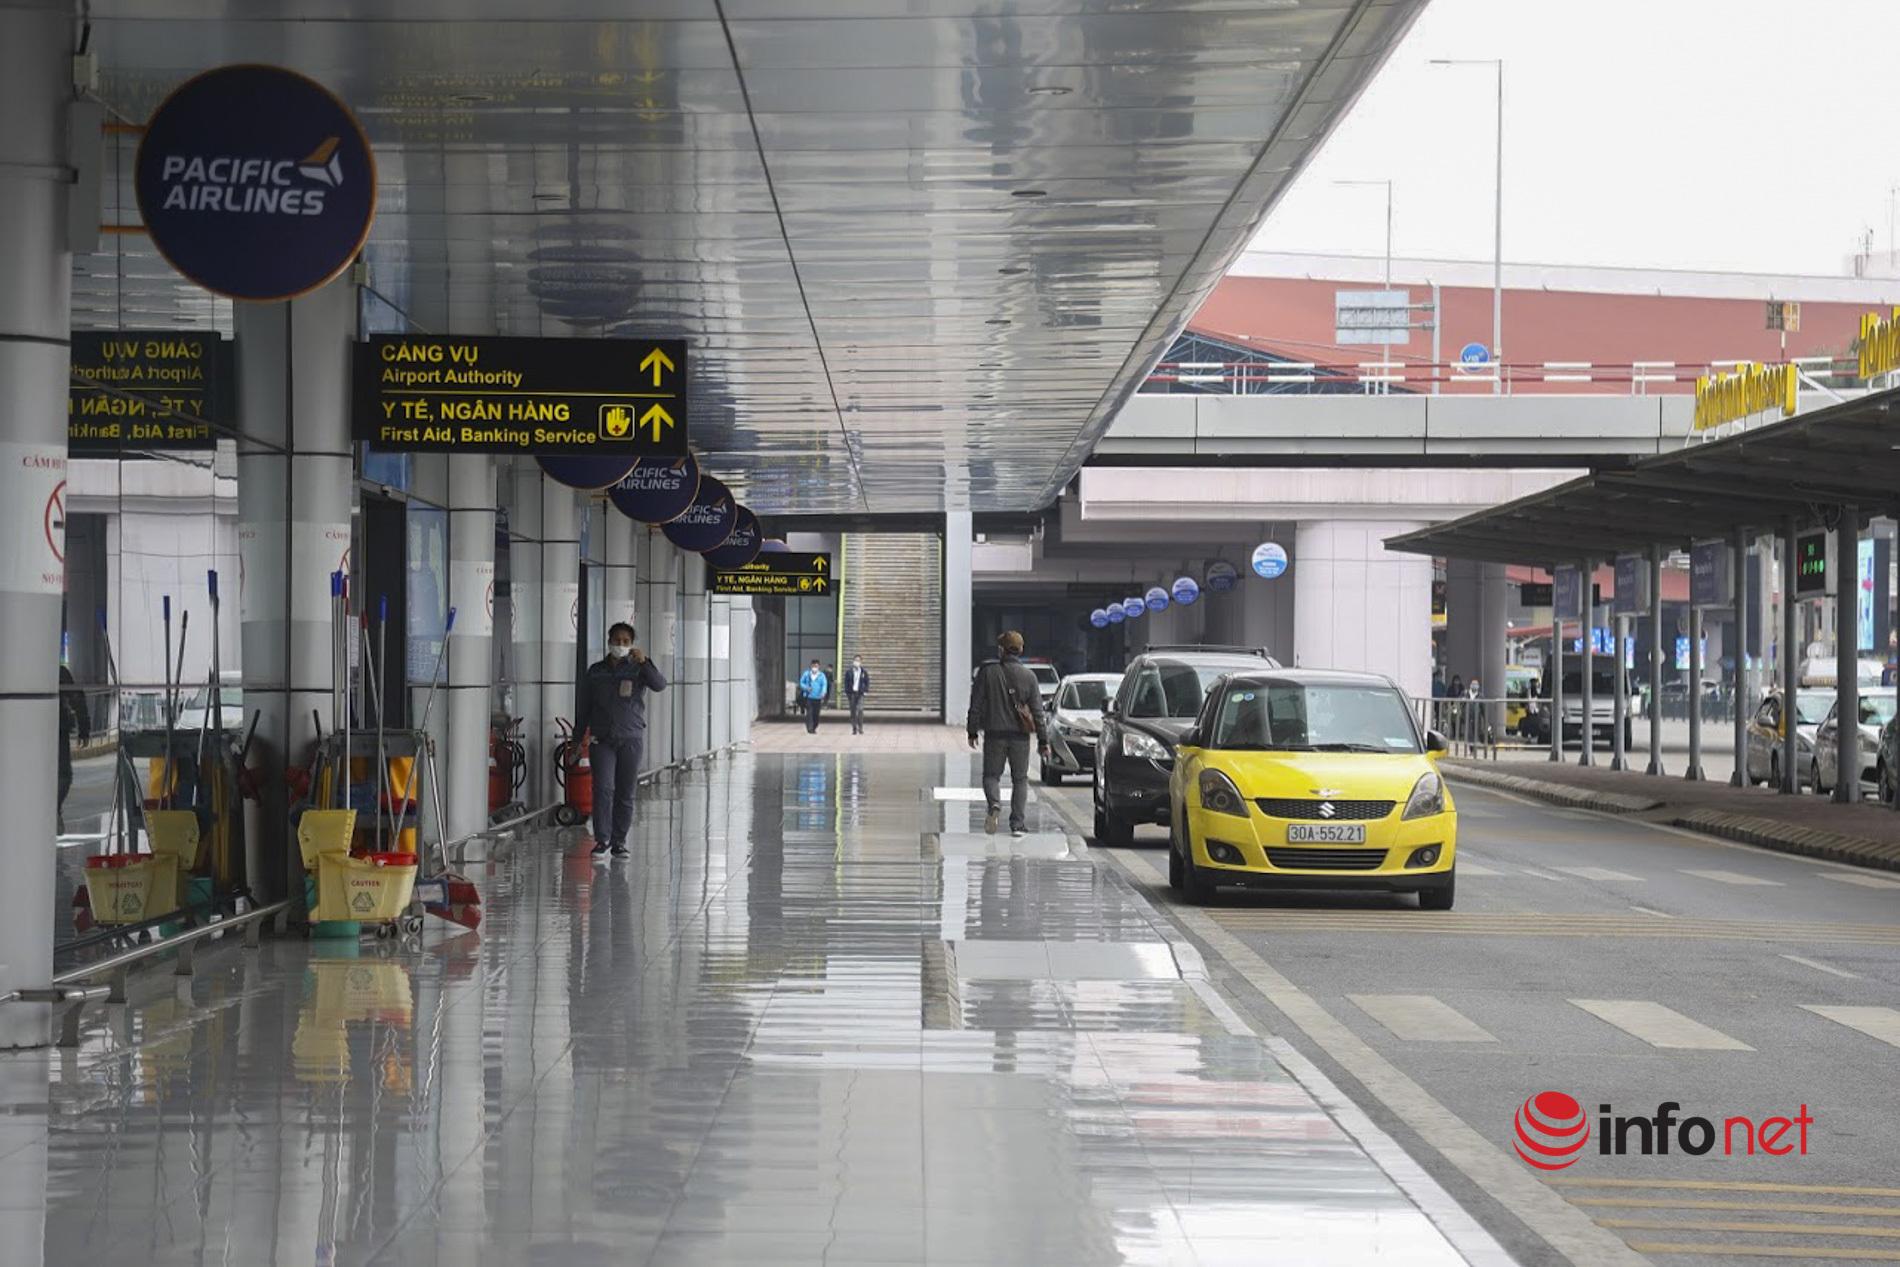 Hơn 20% khách hủy chuyến, sân bay Nội Bài đìu hiu, nhiều xe bus vào nội thành trống không